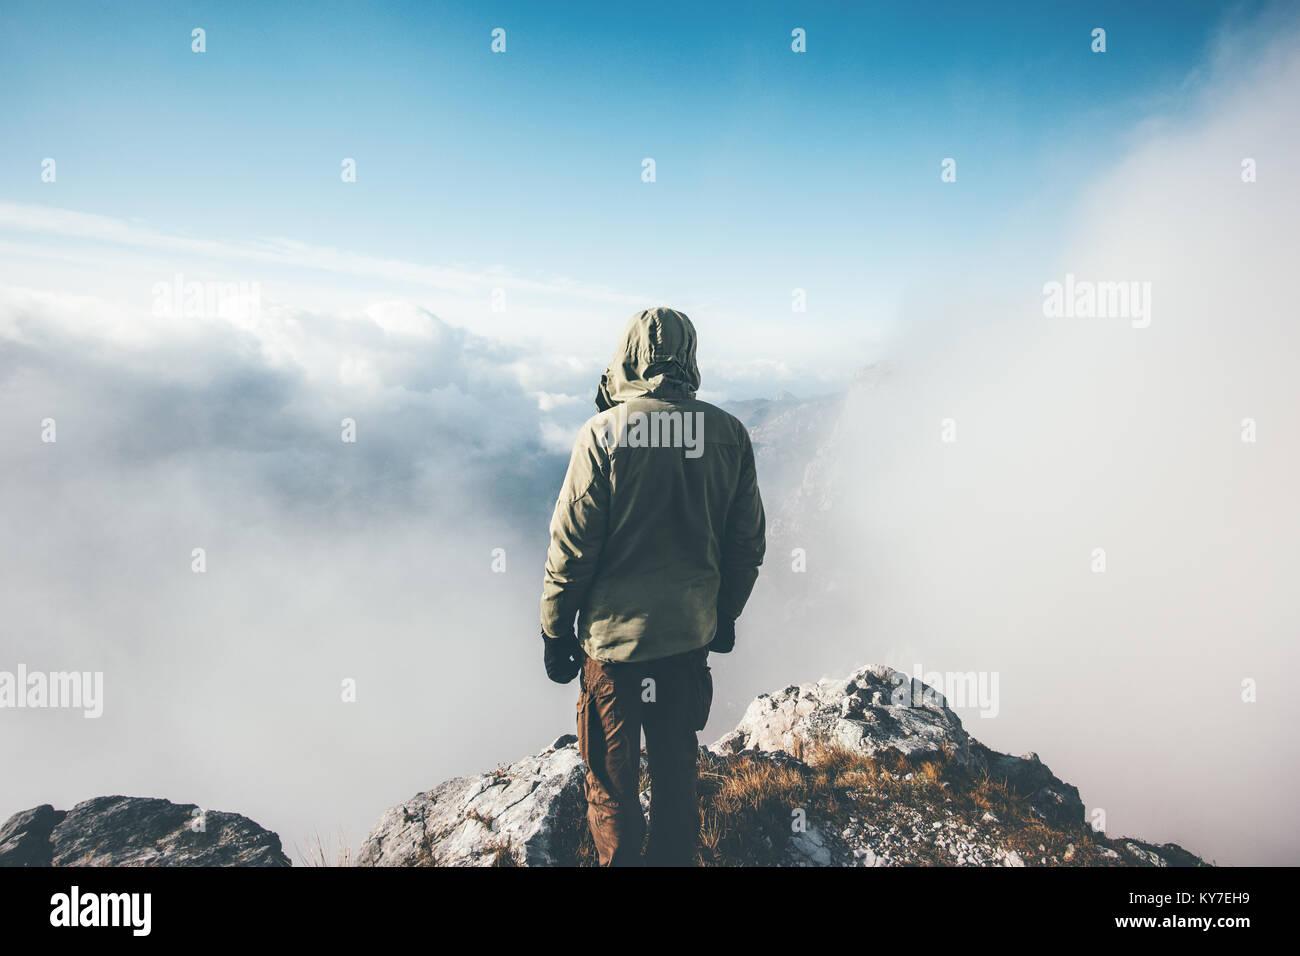 Meilleur homme sur la montagne de profiter seul vue aérienne sur les nuages de Vie Voyage aventure concept Photo Stock